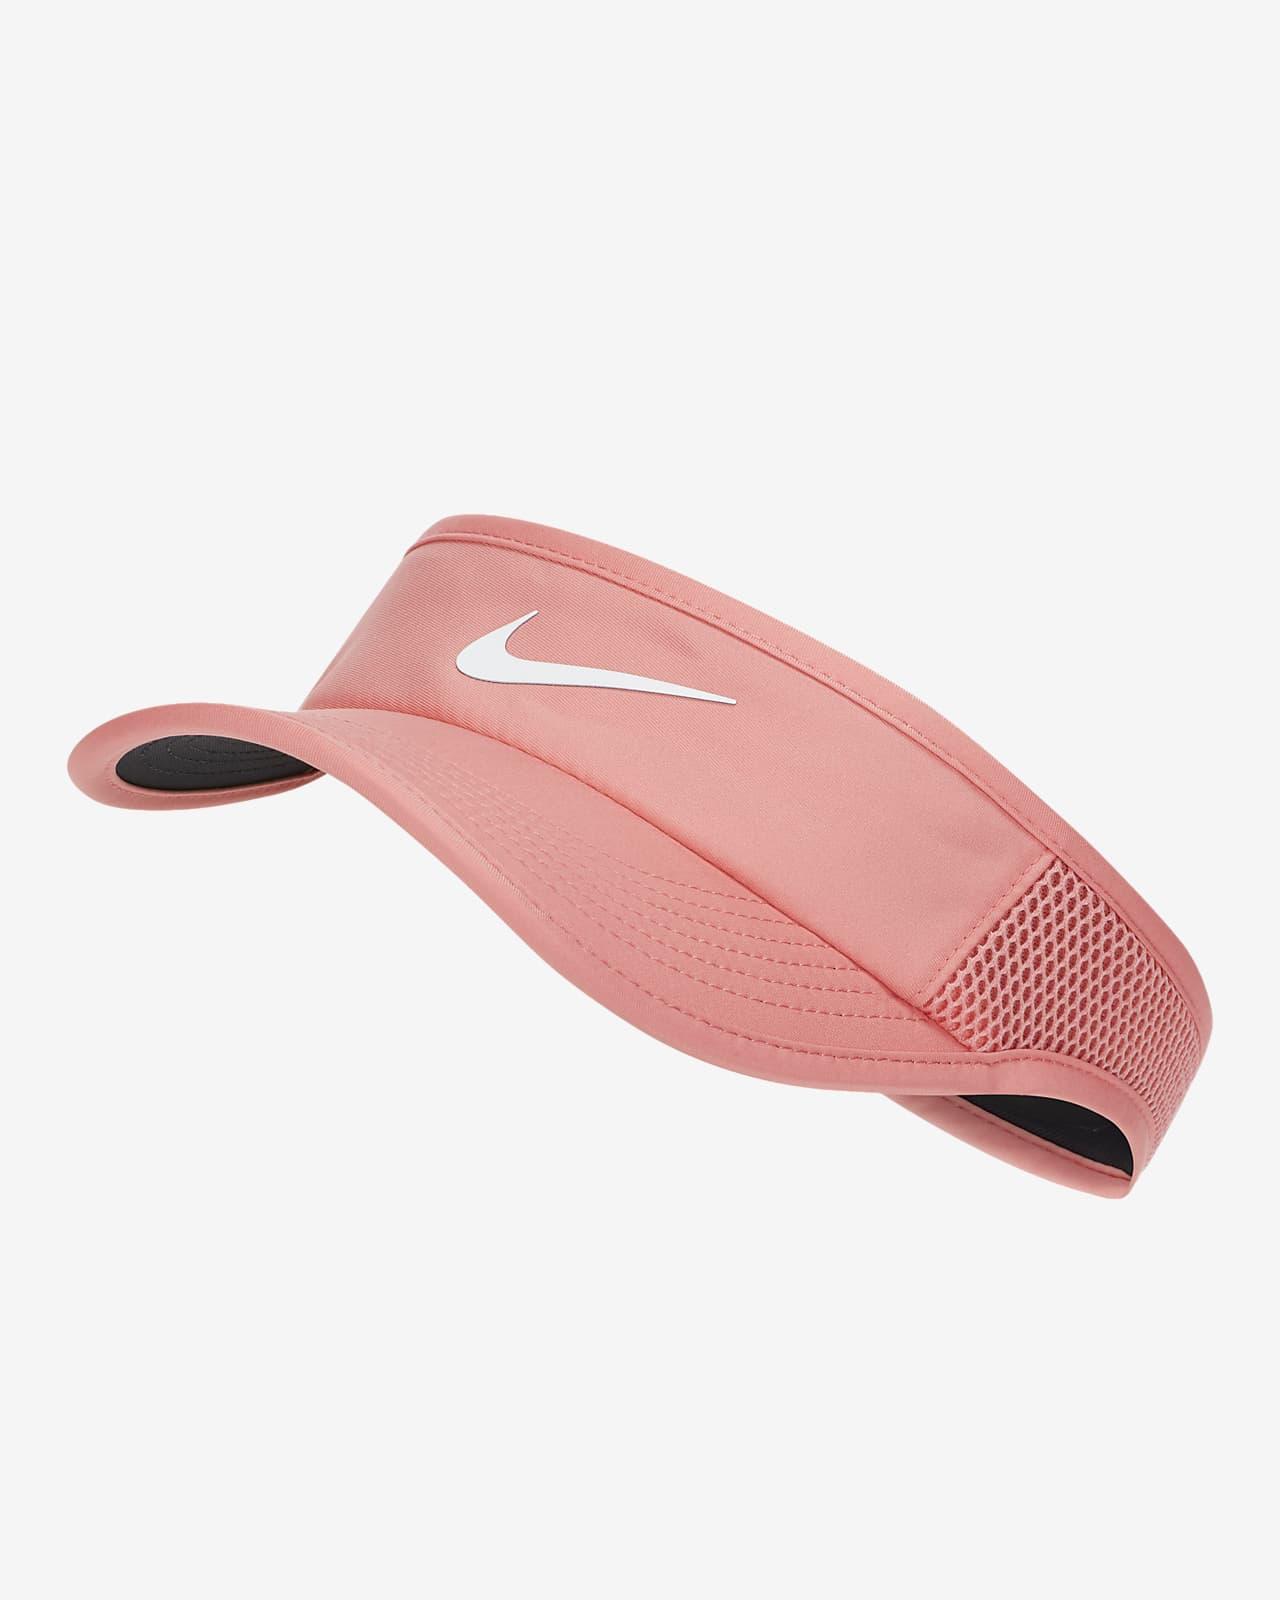 Γυναικείο καπέλο-σκίαστρο τένις NikeCourt AeroBill Featherlight